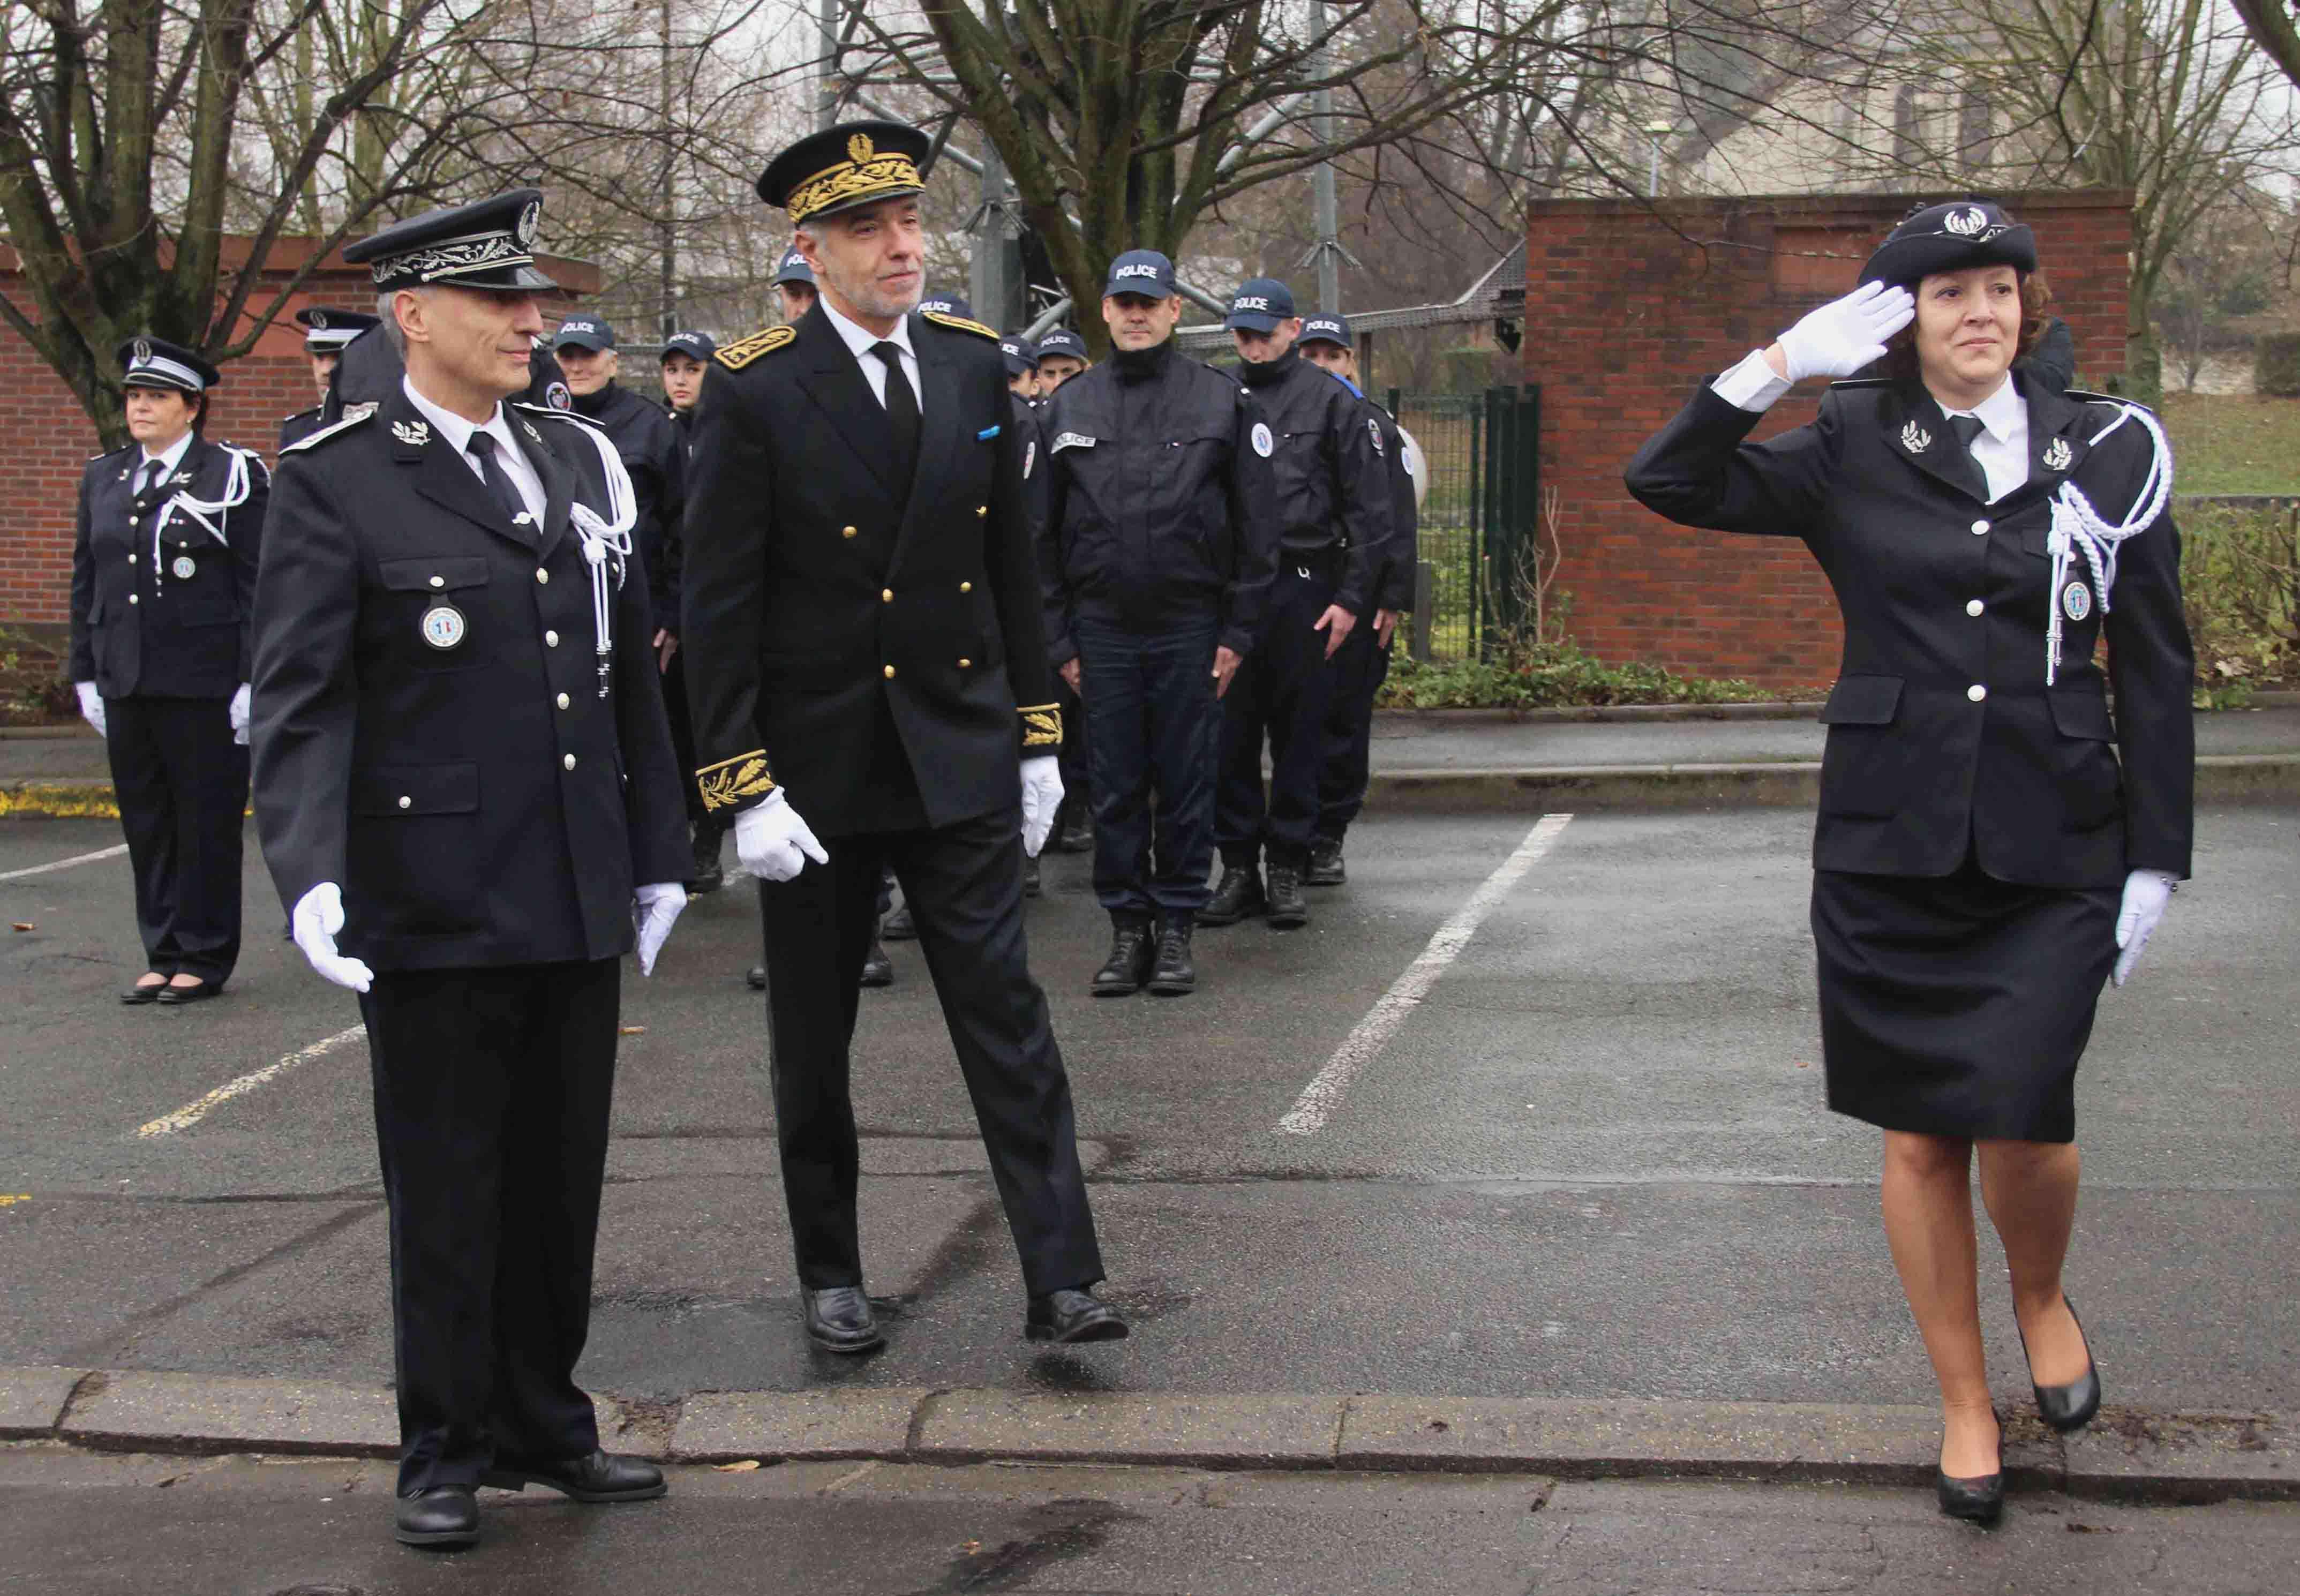 Chelles le nouveau commissaire laetitia berkane a pris - Grille de salaire commissaire de police ...